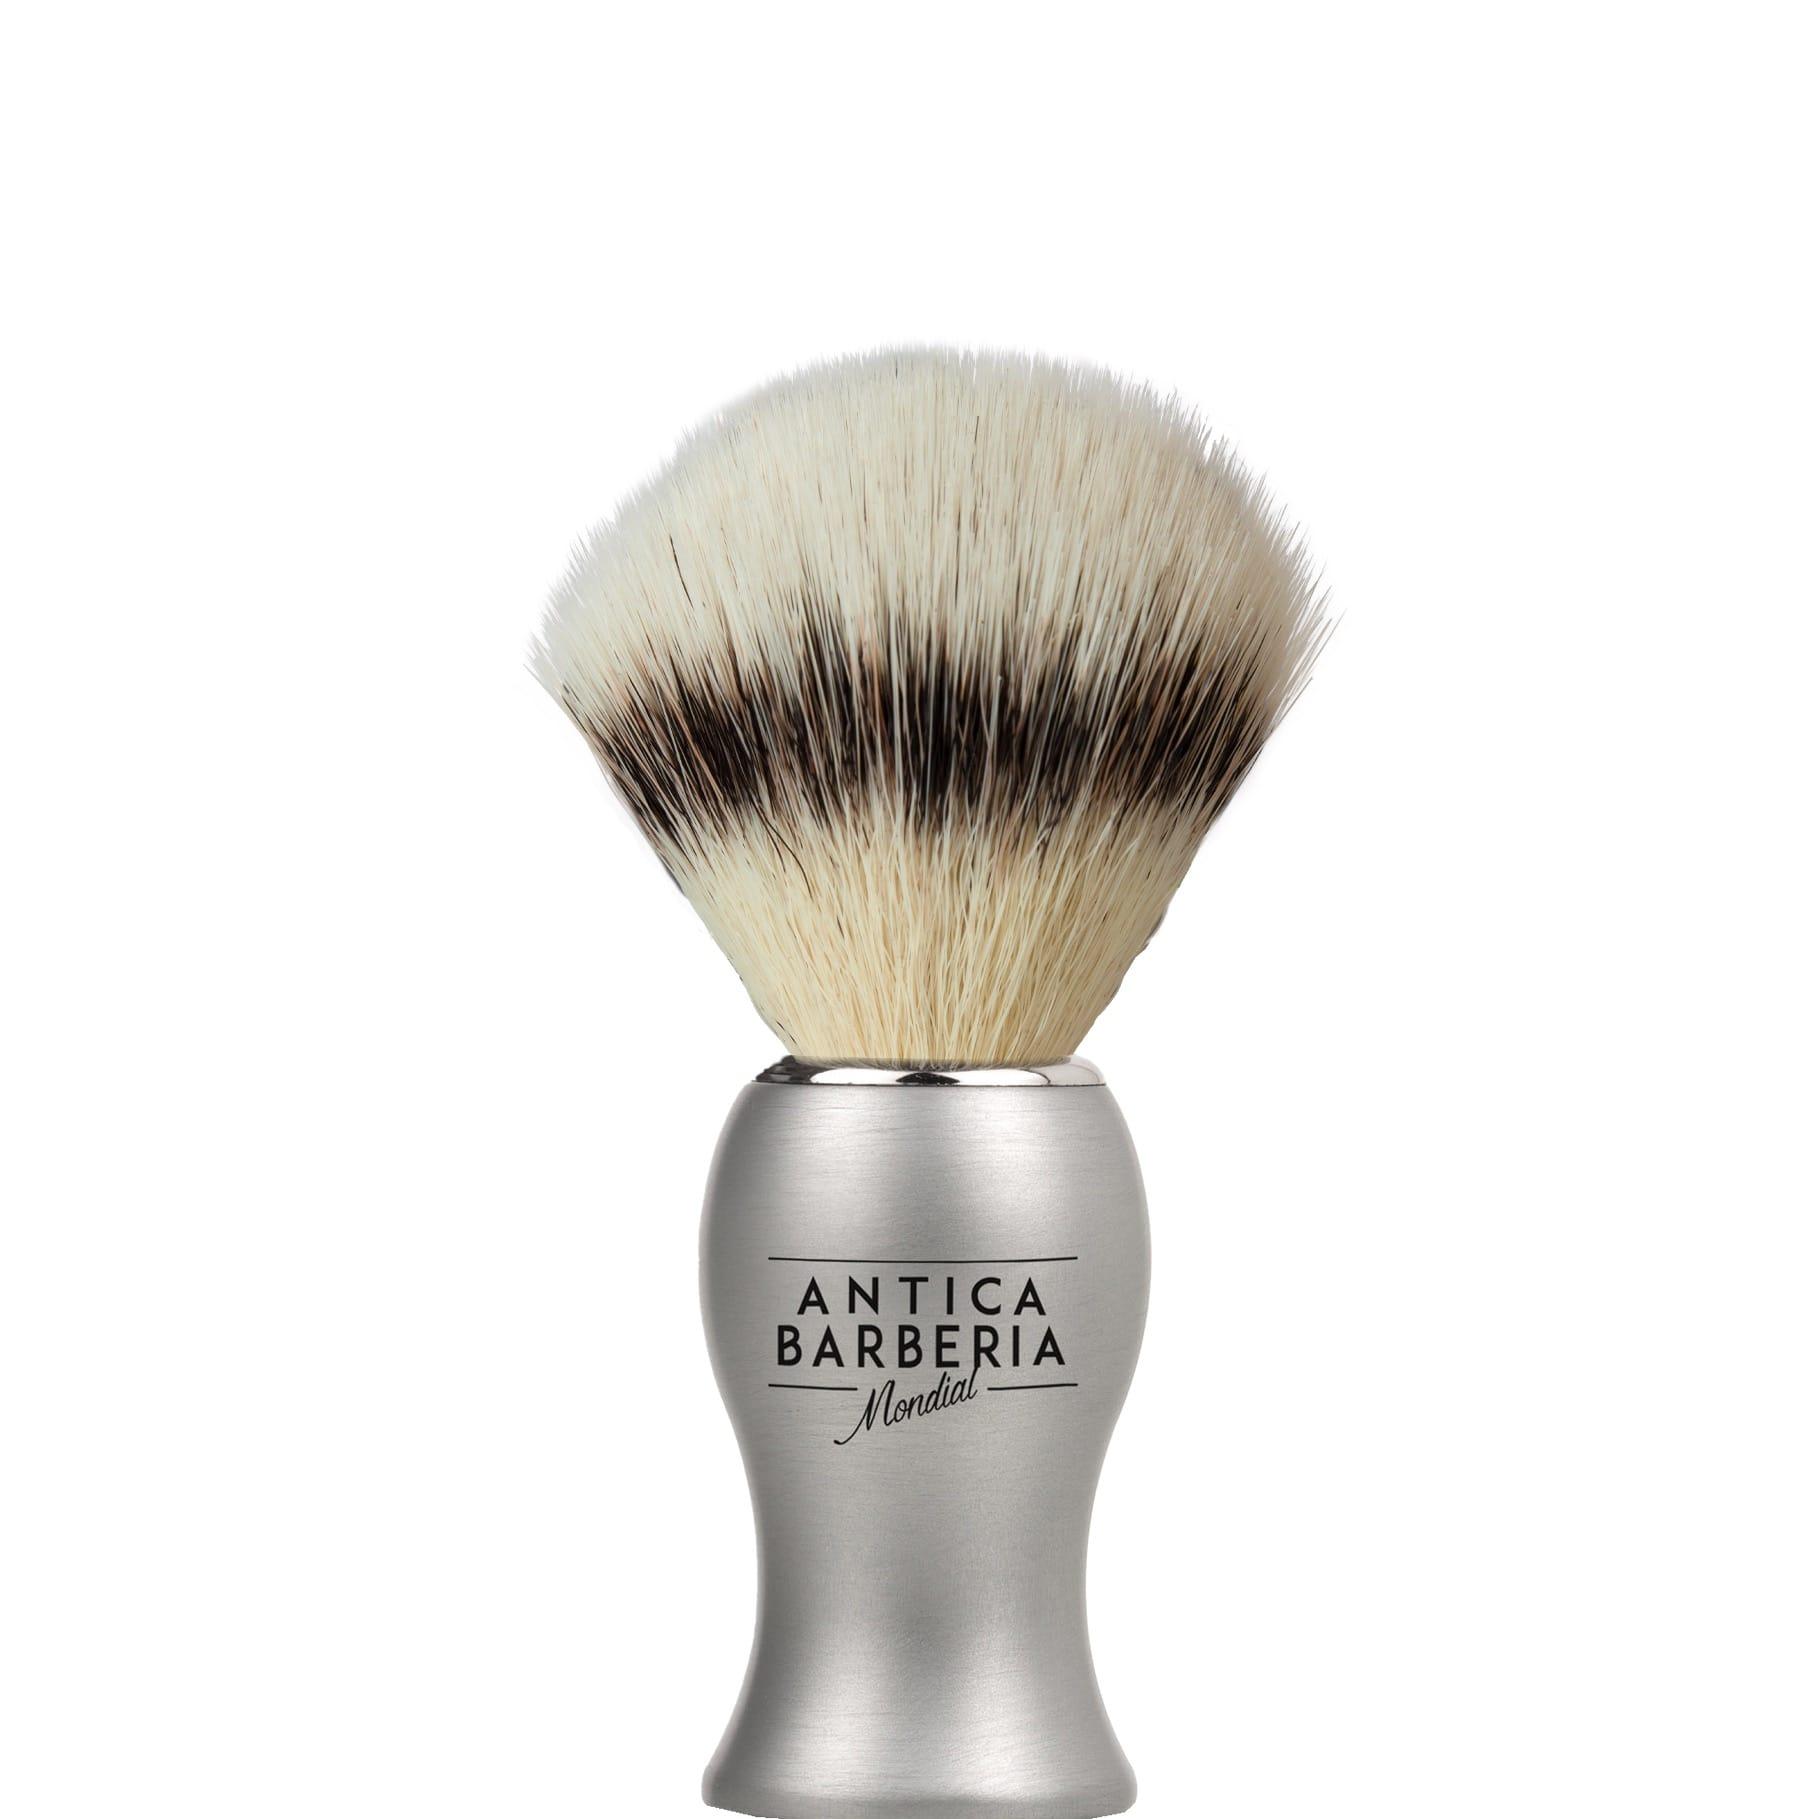 Scheerkwast Antica Barberia Eco Fibre - titanium